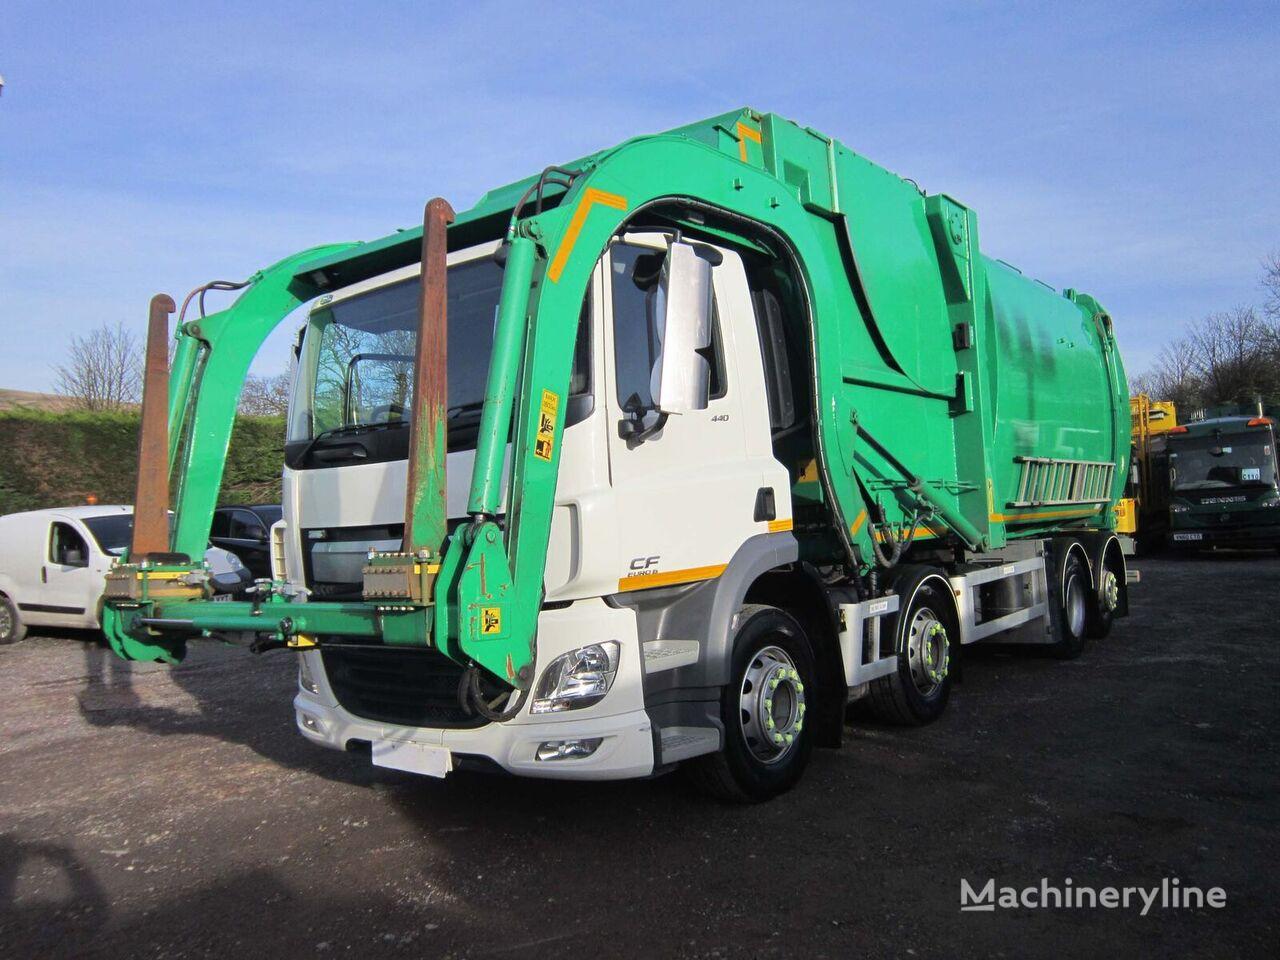 DAF CF 440 REAR STEER FRONT LOADING REFUSE GARBAGE garbage truck